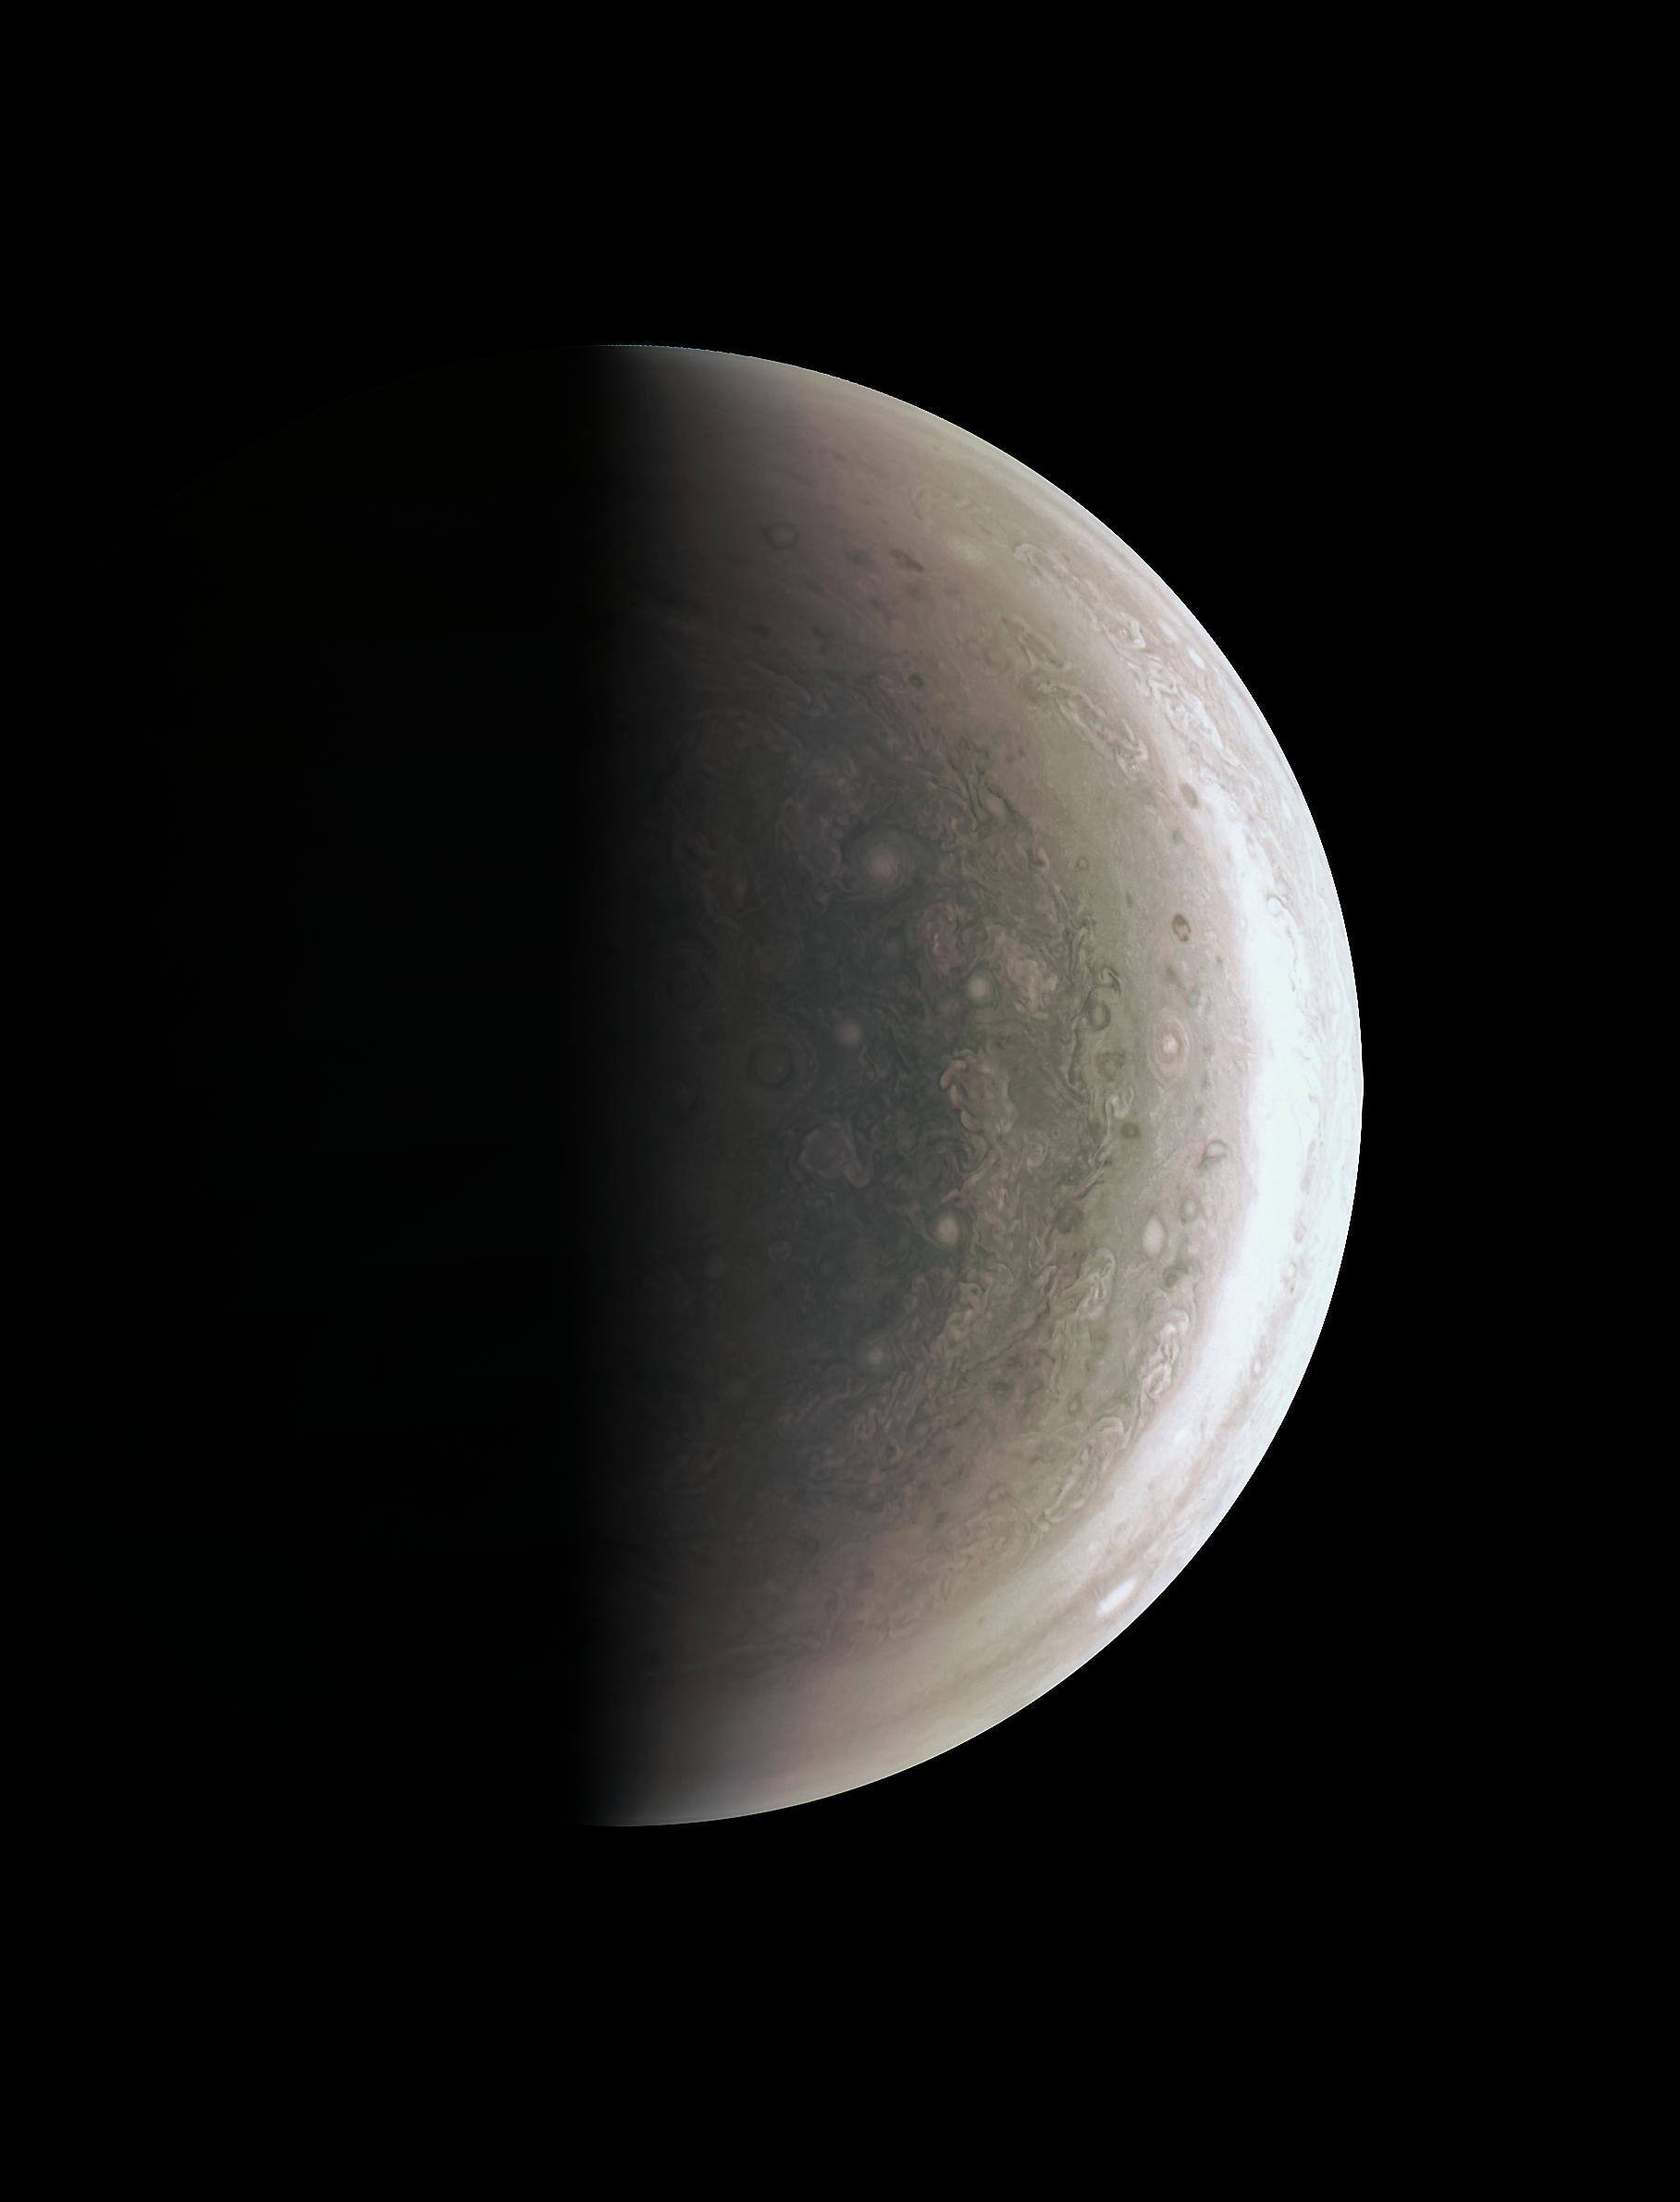 JunoCam sees Jupiter's south pole